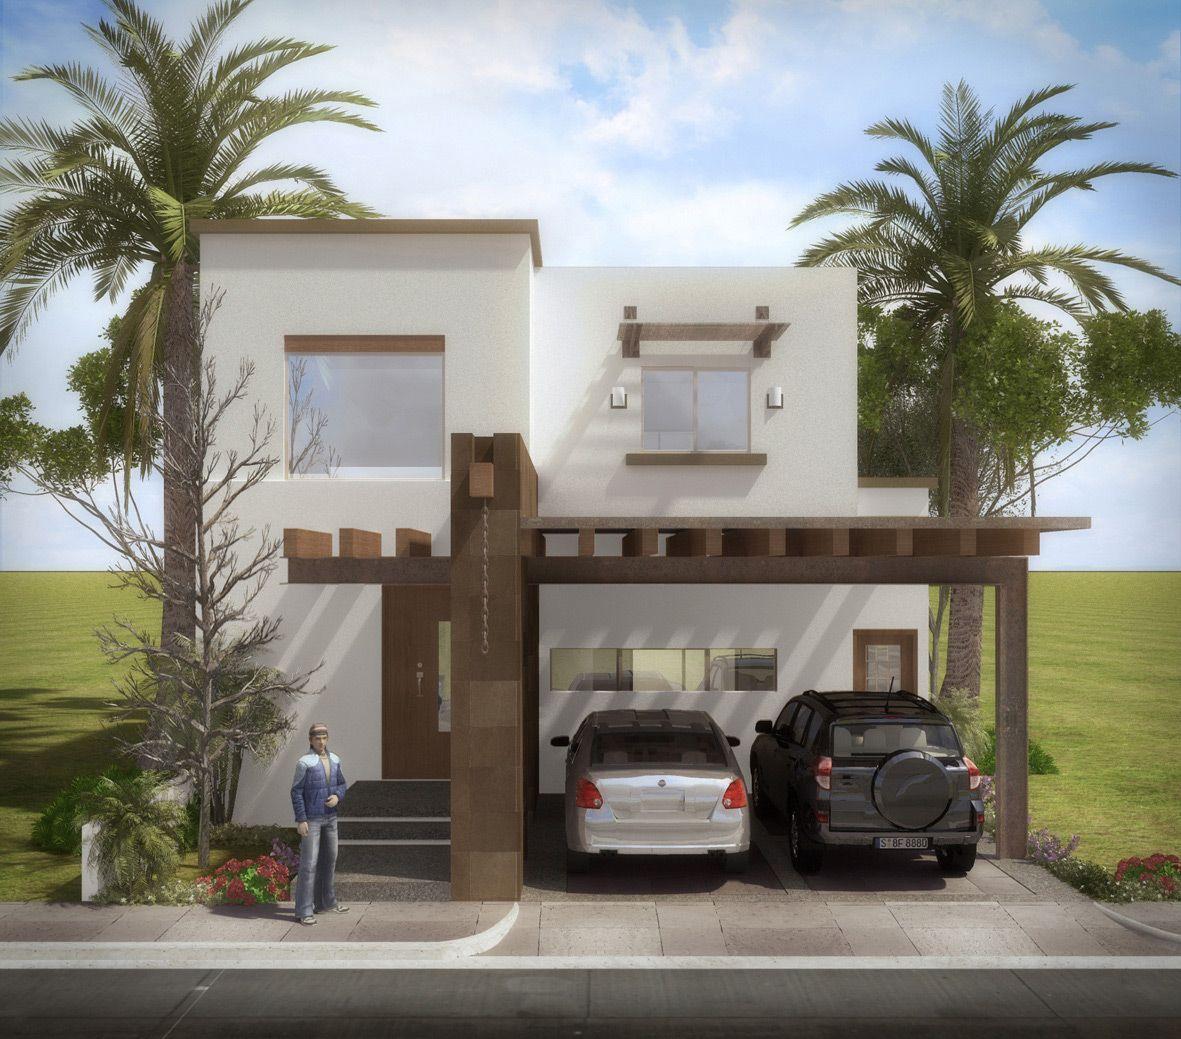 Casas Modernas: Fachadas De Casas Moderna De 9 A 12 De Frente